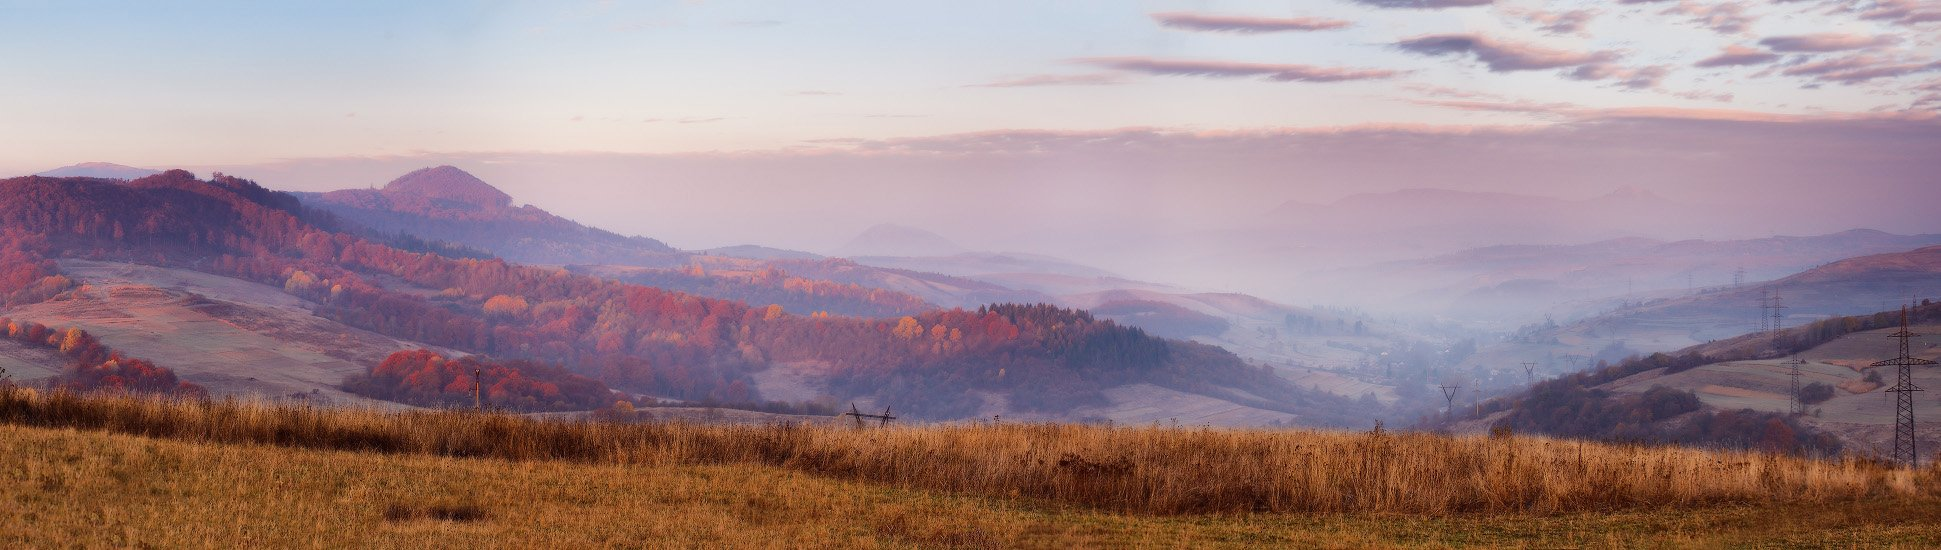 Горы, Карпаты, Ноябрь, Осень, Панорама, Рассвет, Утро, Вейзе Максим